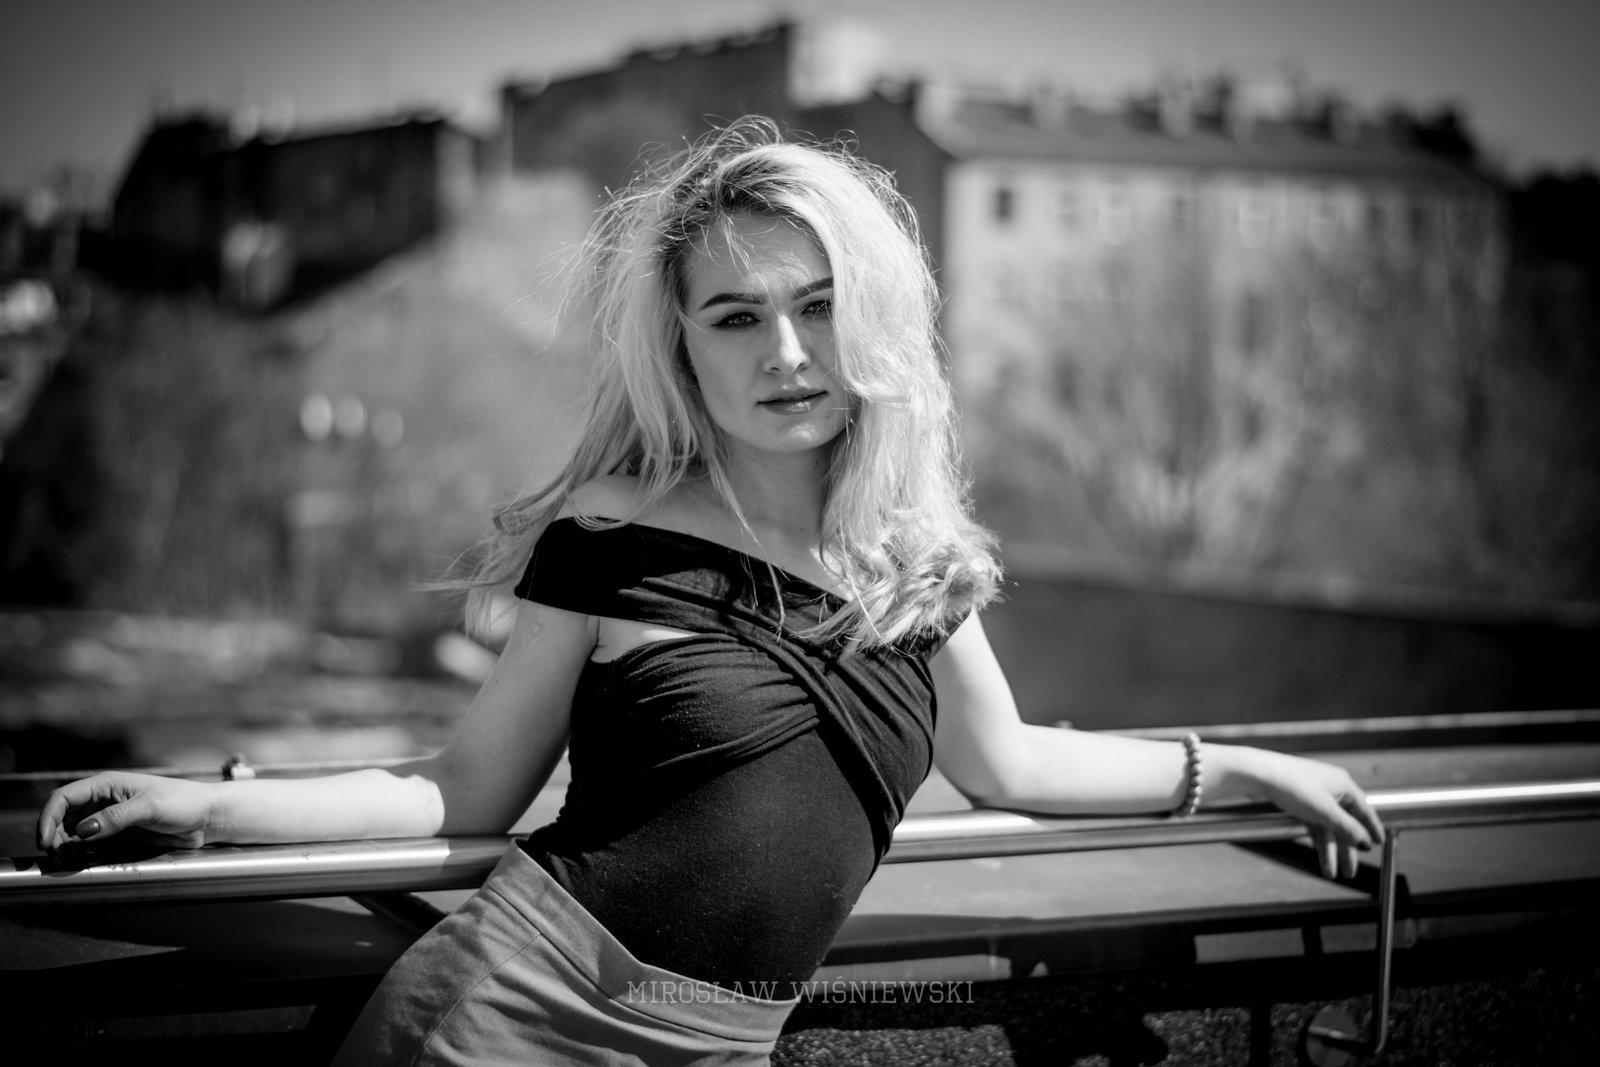 Miroslaw Wisniewski Fotograf